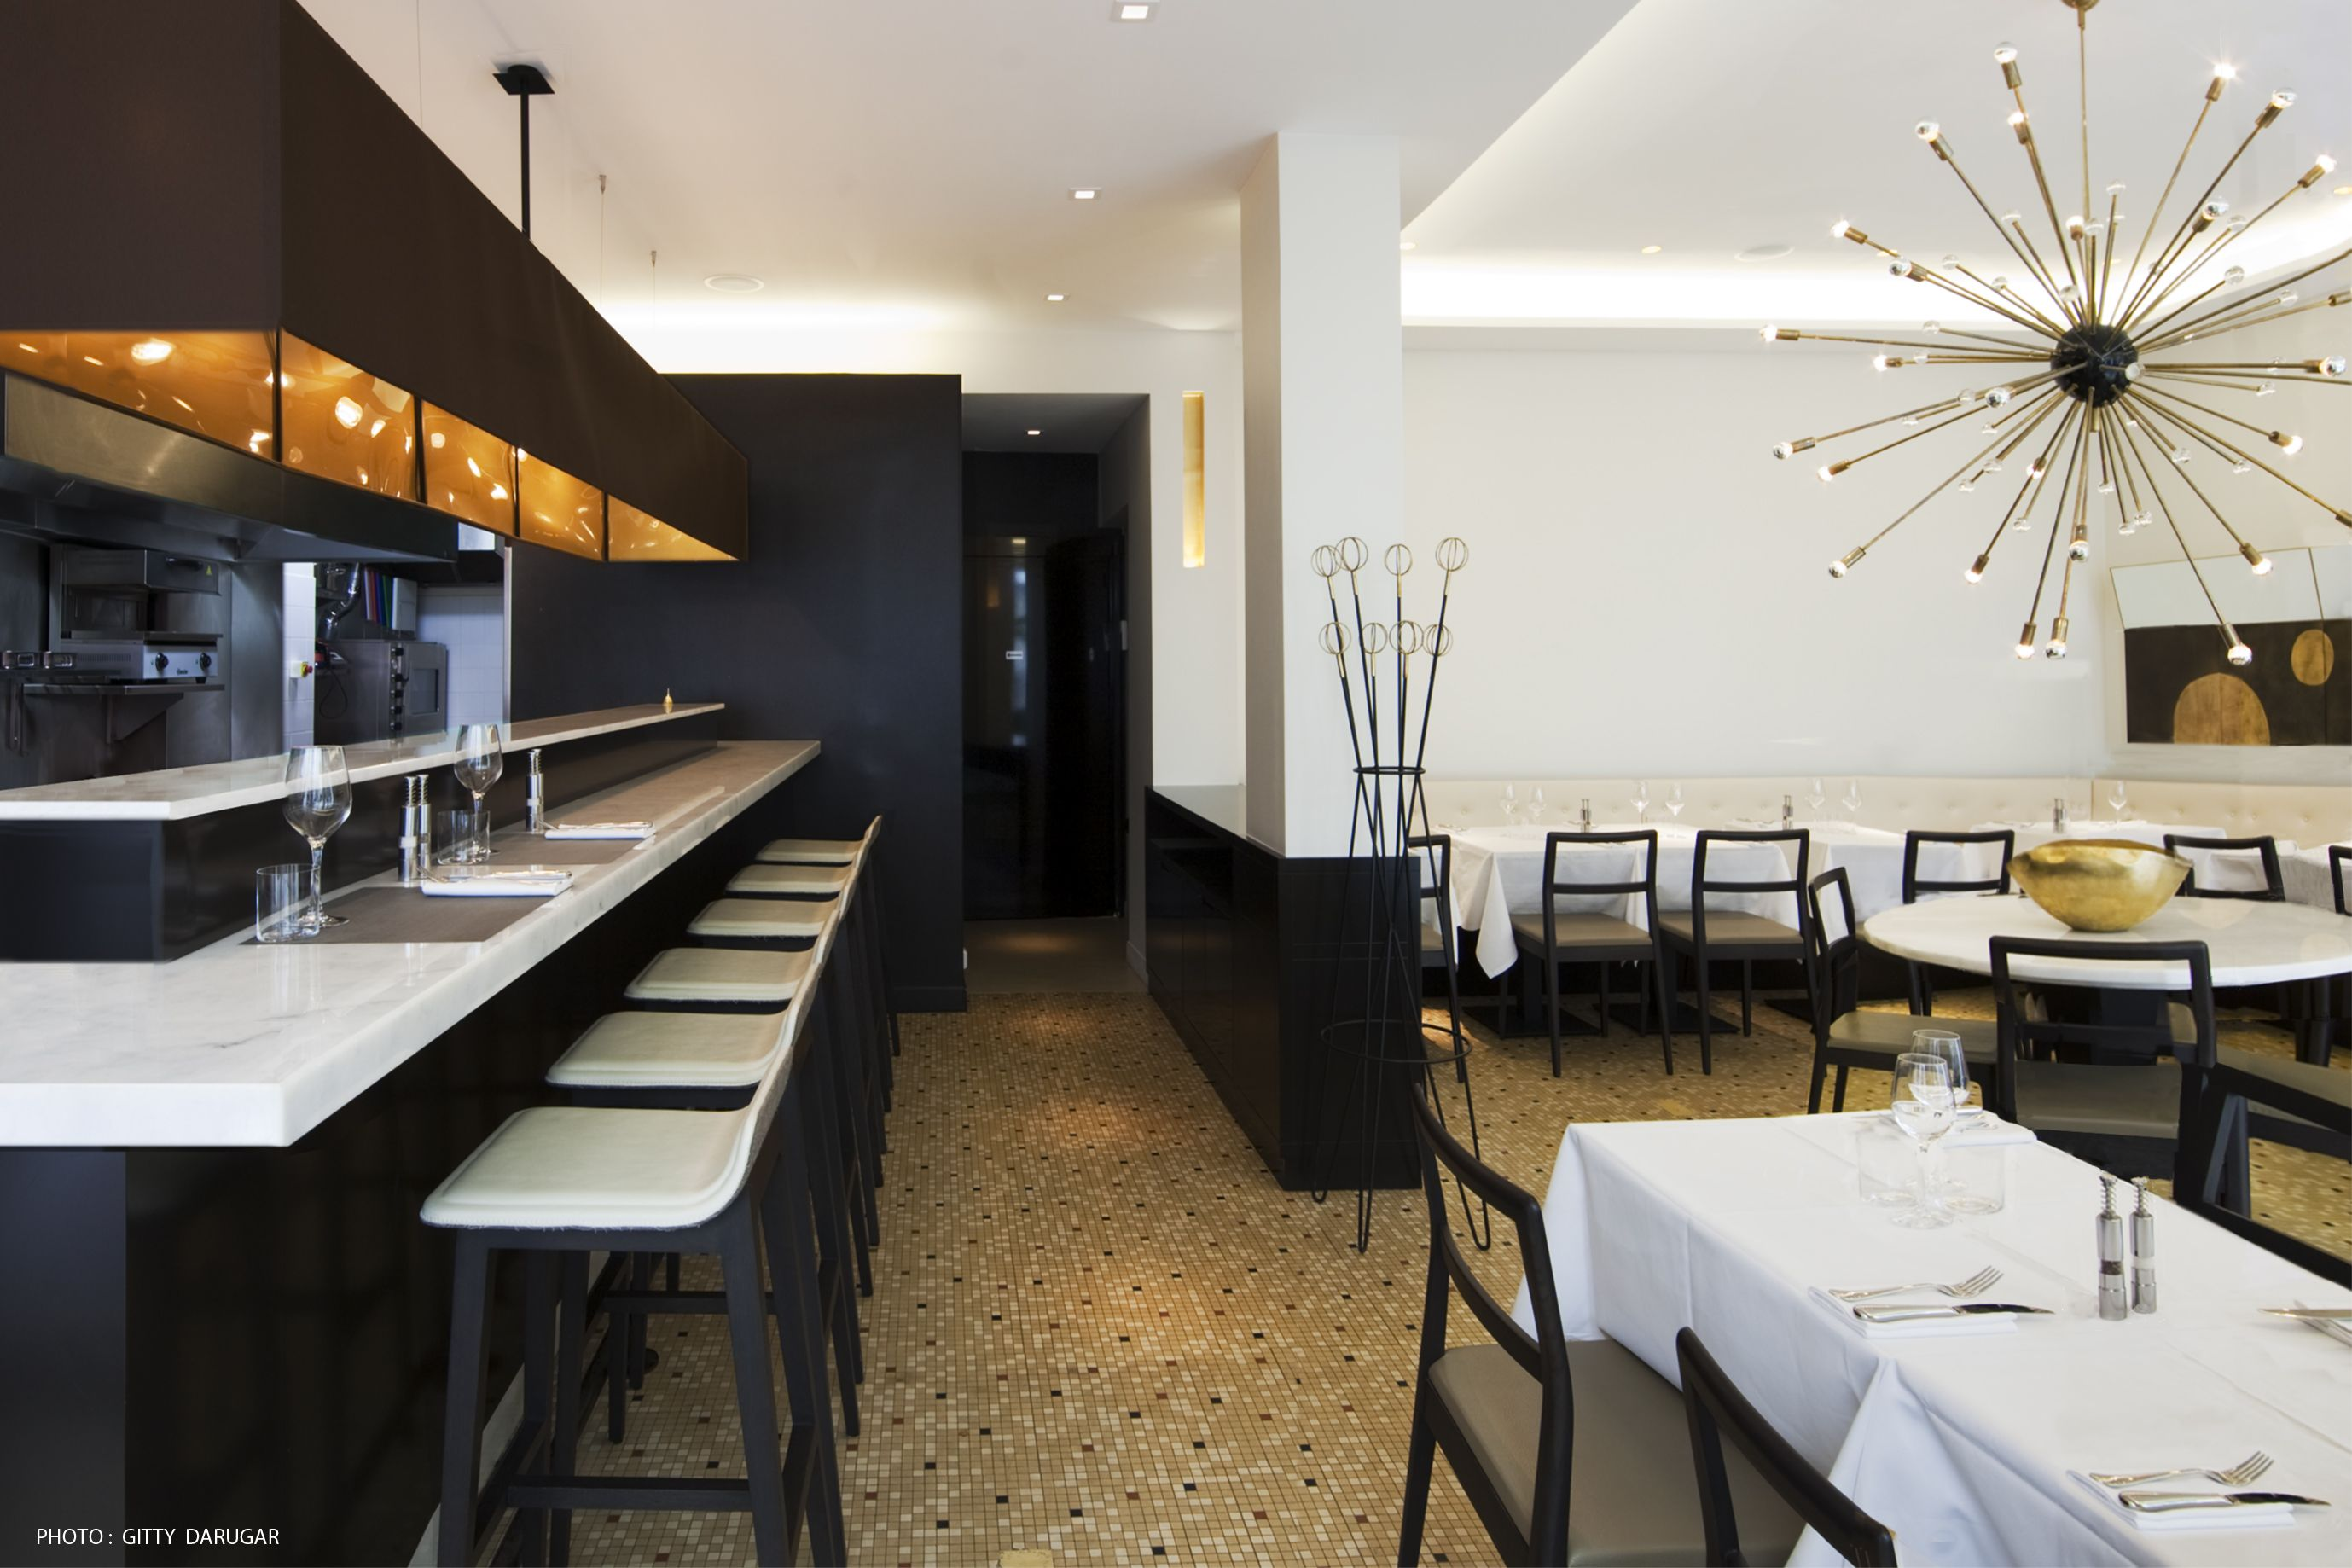 09 Coupe Architecture Interieur Aménagement Restaurant Espagnol